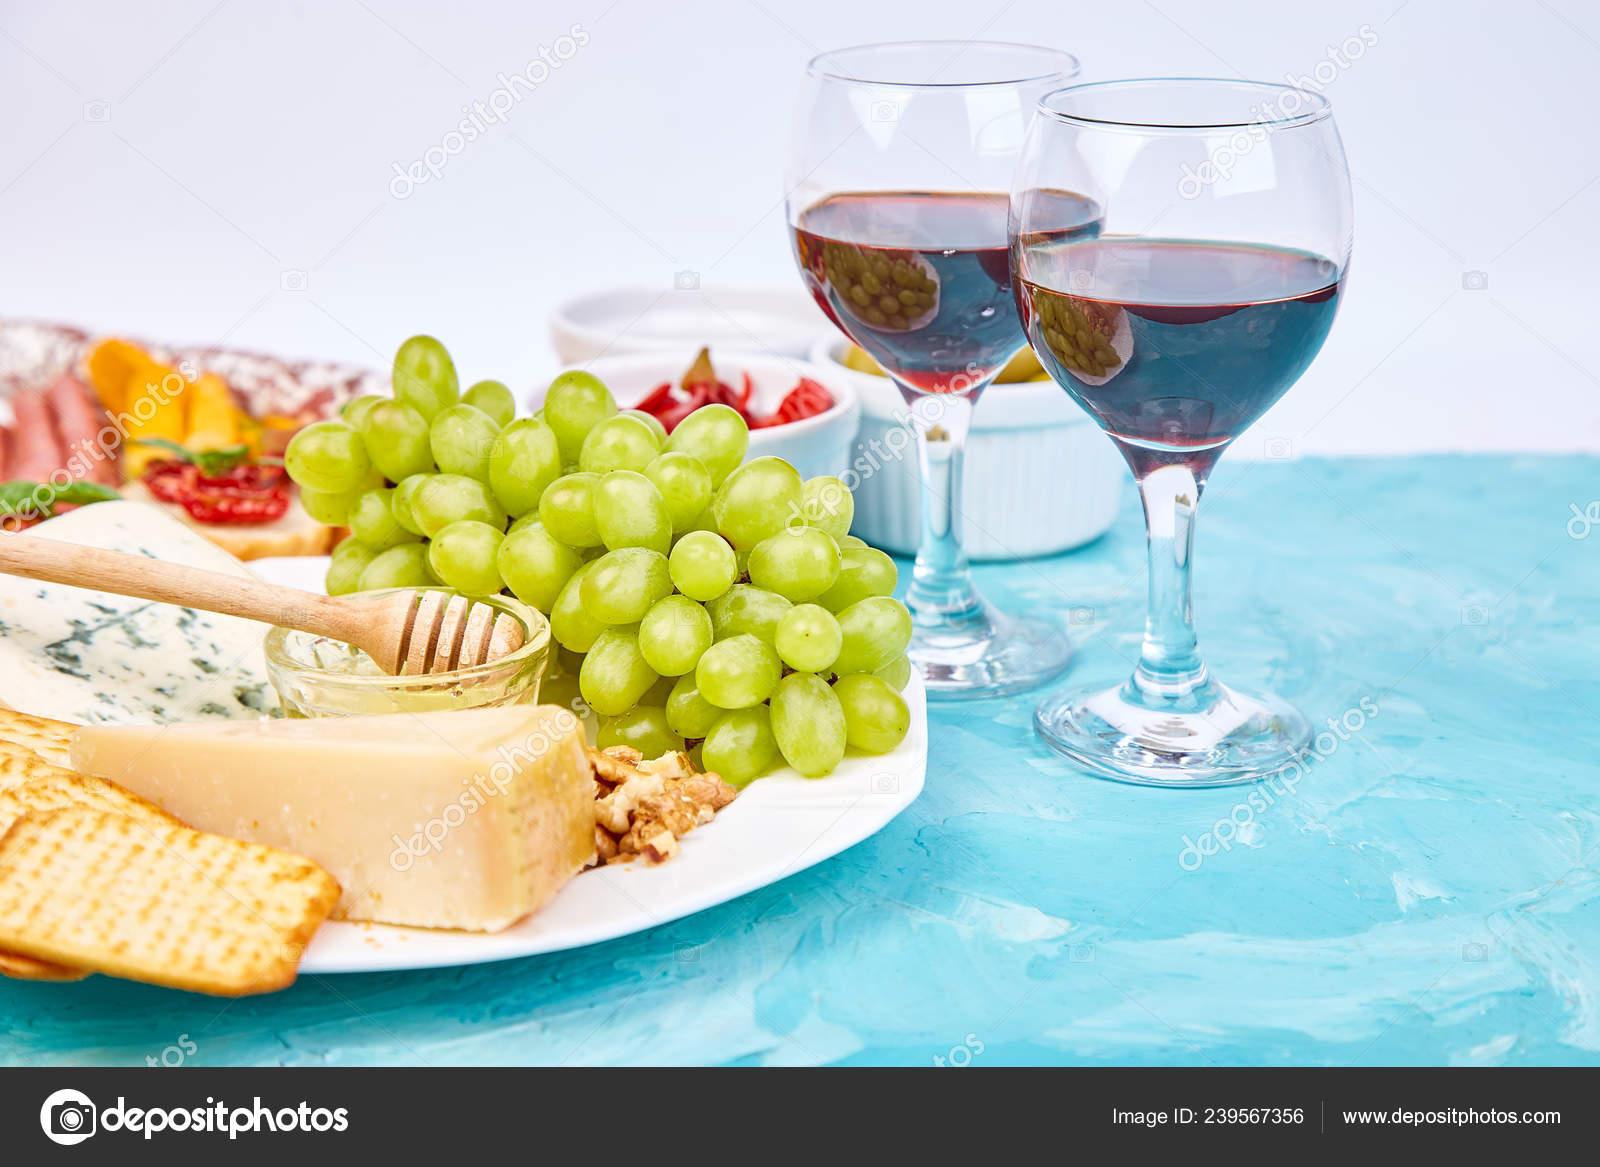 Italian Antipasti Wine Snacks Set Antipasto Catering Platter Jerky Salami Stock Photo C Bondarillia 239567356